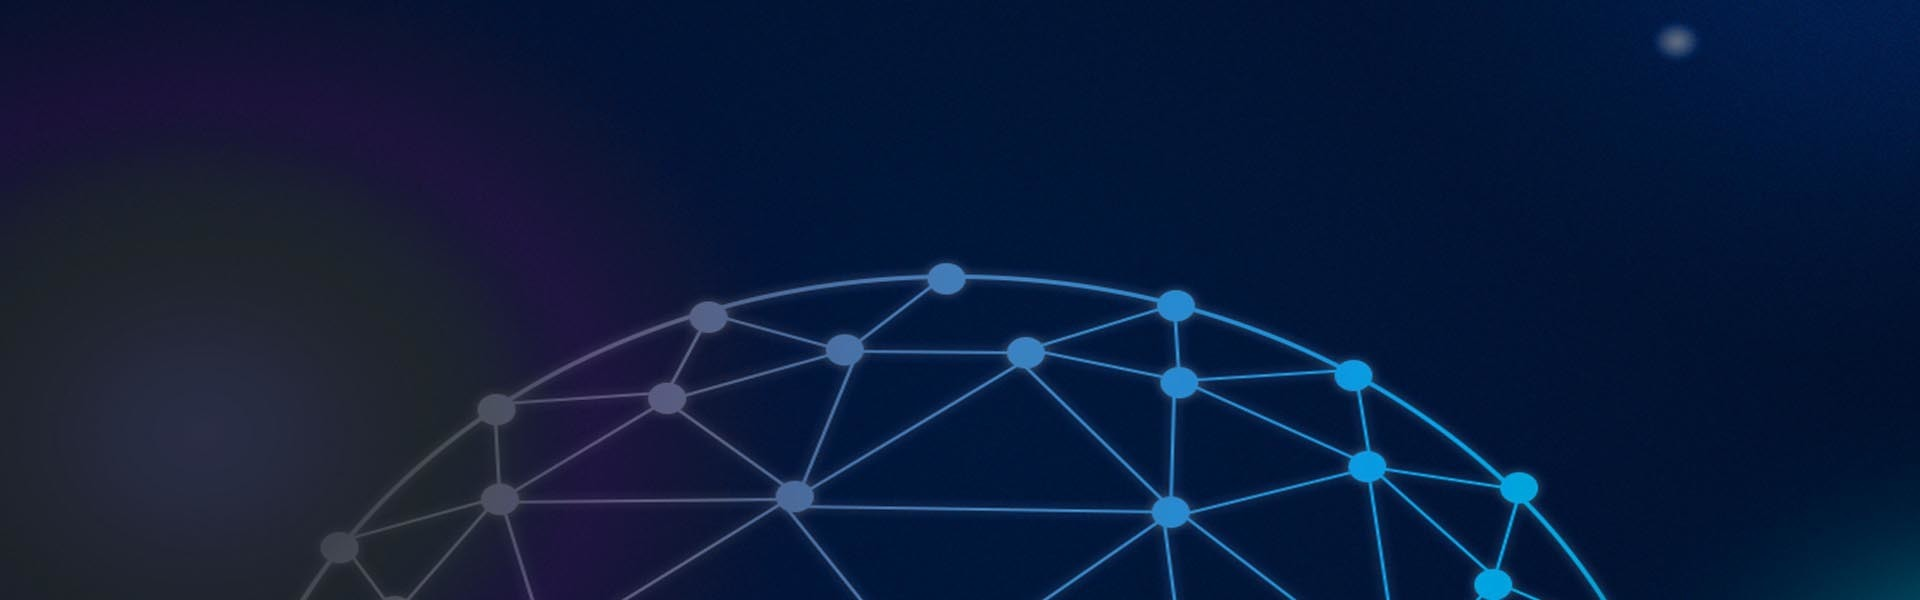 微信客服系统帮助企业营销